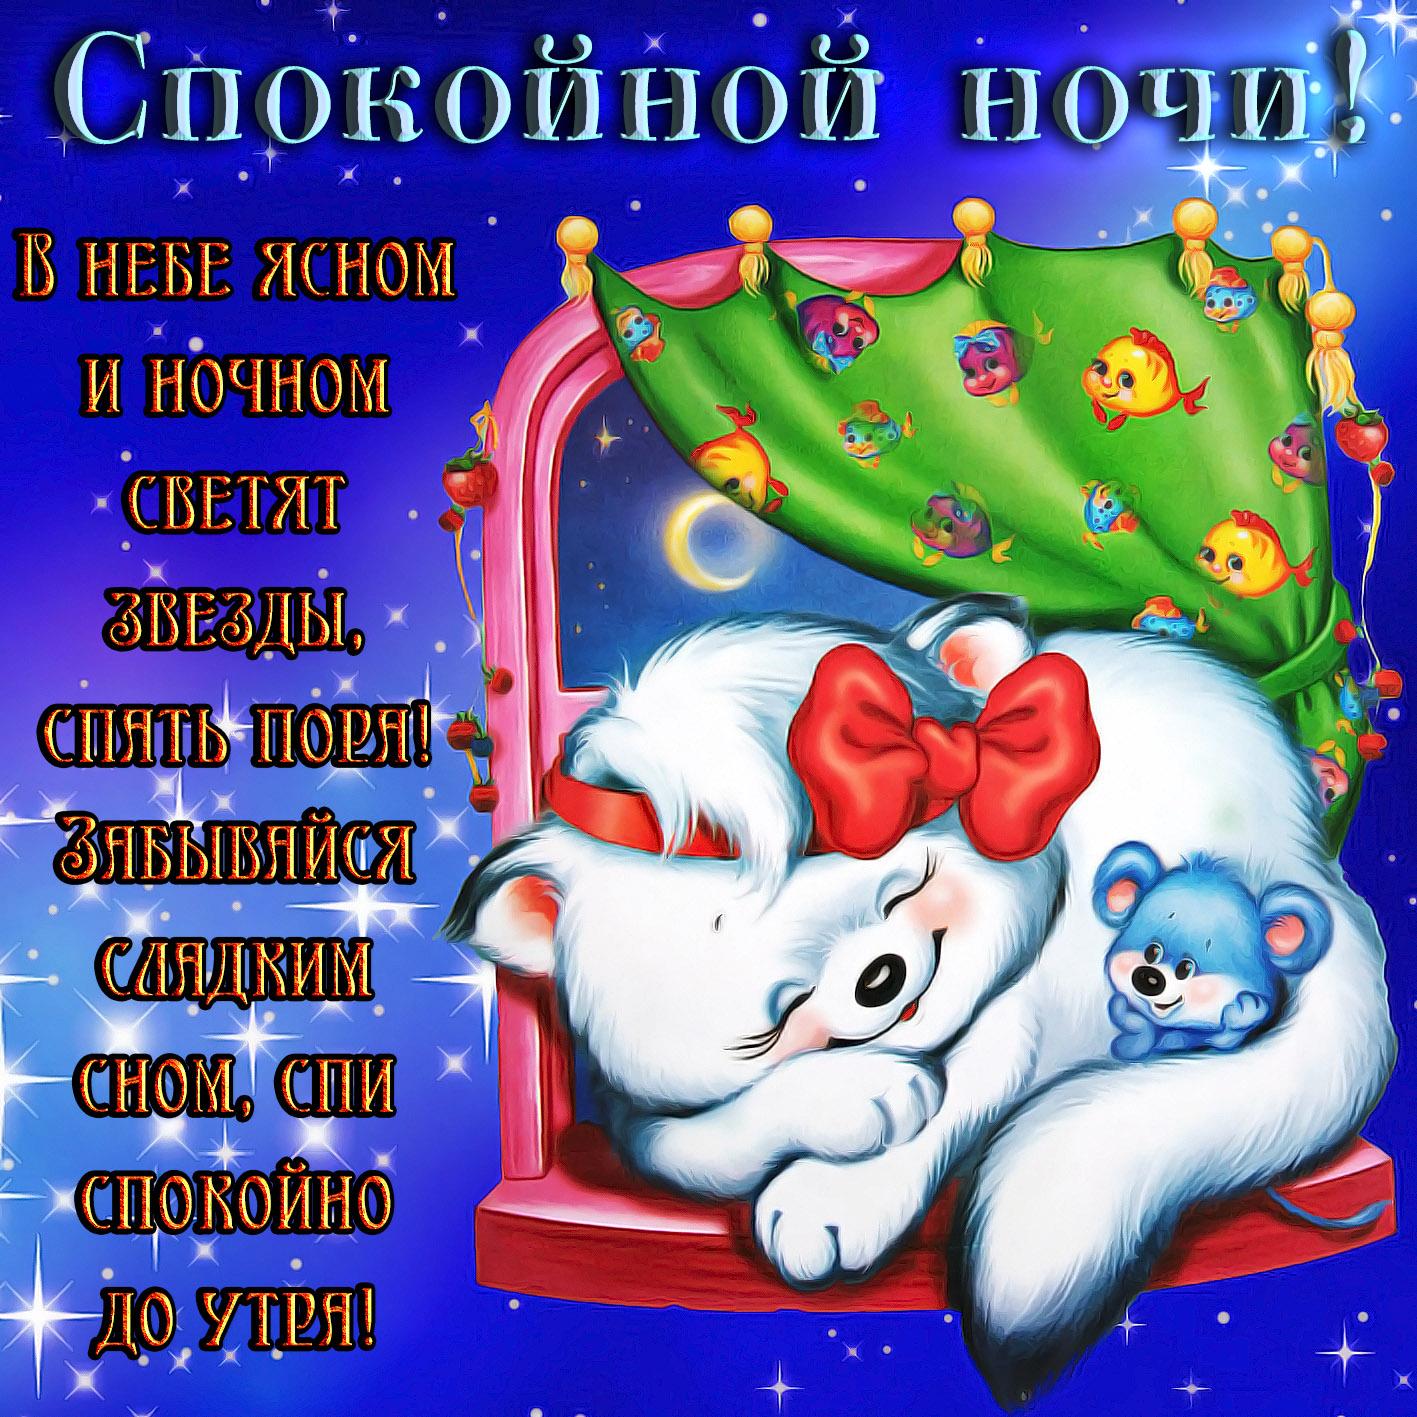 Котик с мышонком желают спокойной ночи